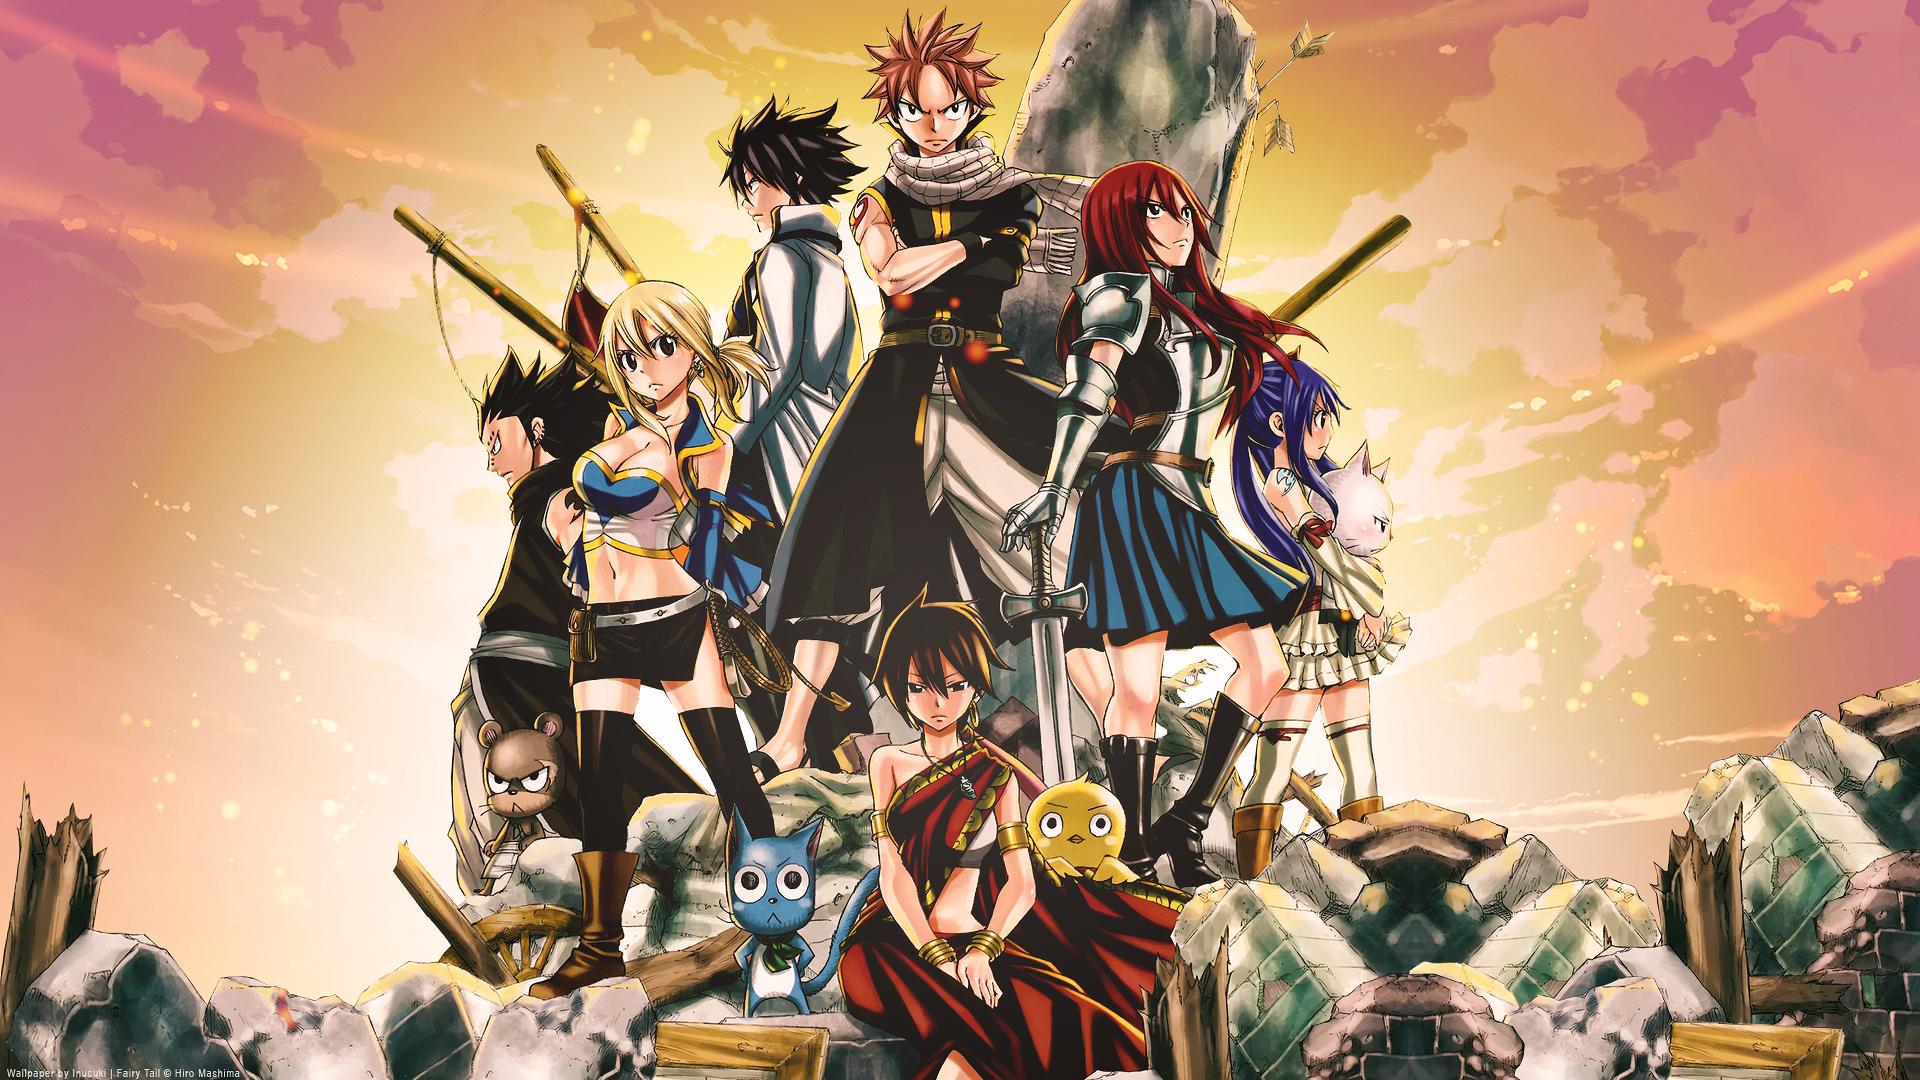 Fairy-Tail-anime-Fairy-Tail-the-Movie-Phoenix-Priestess-891294.jpeg